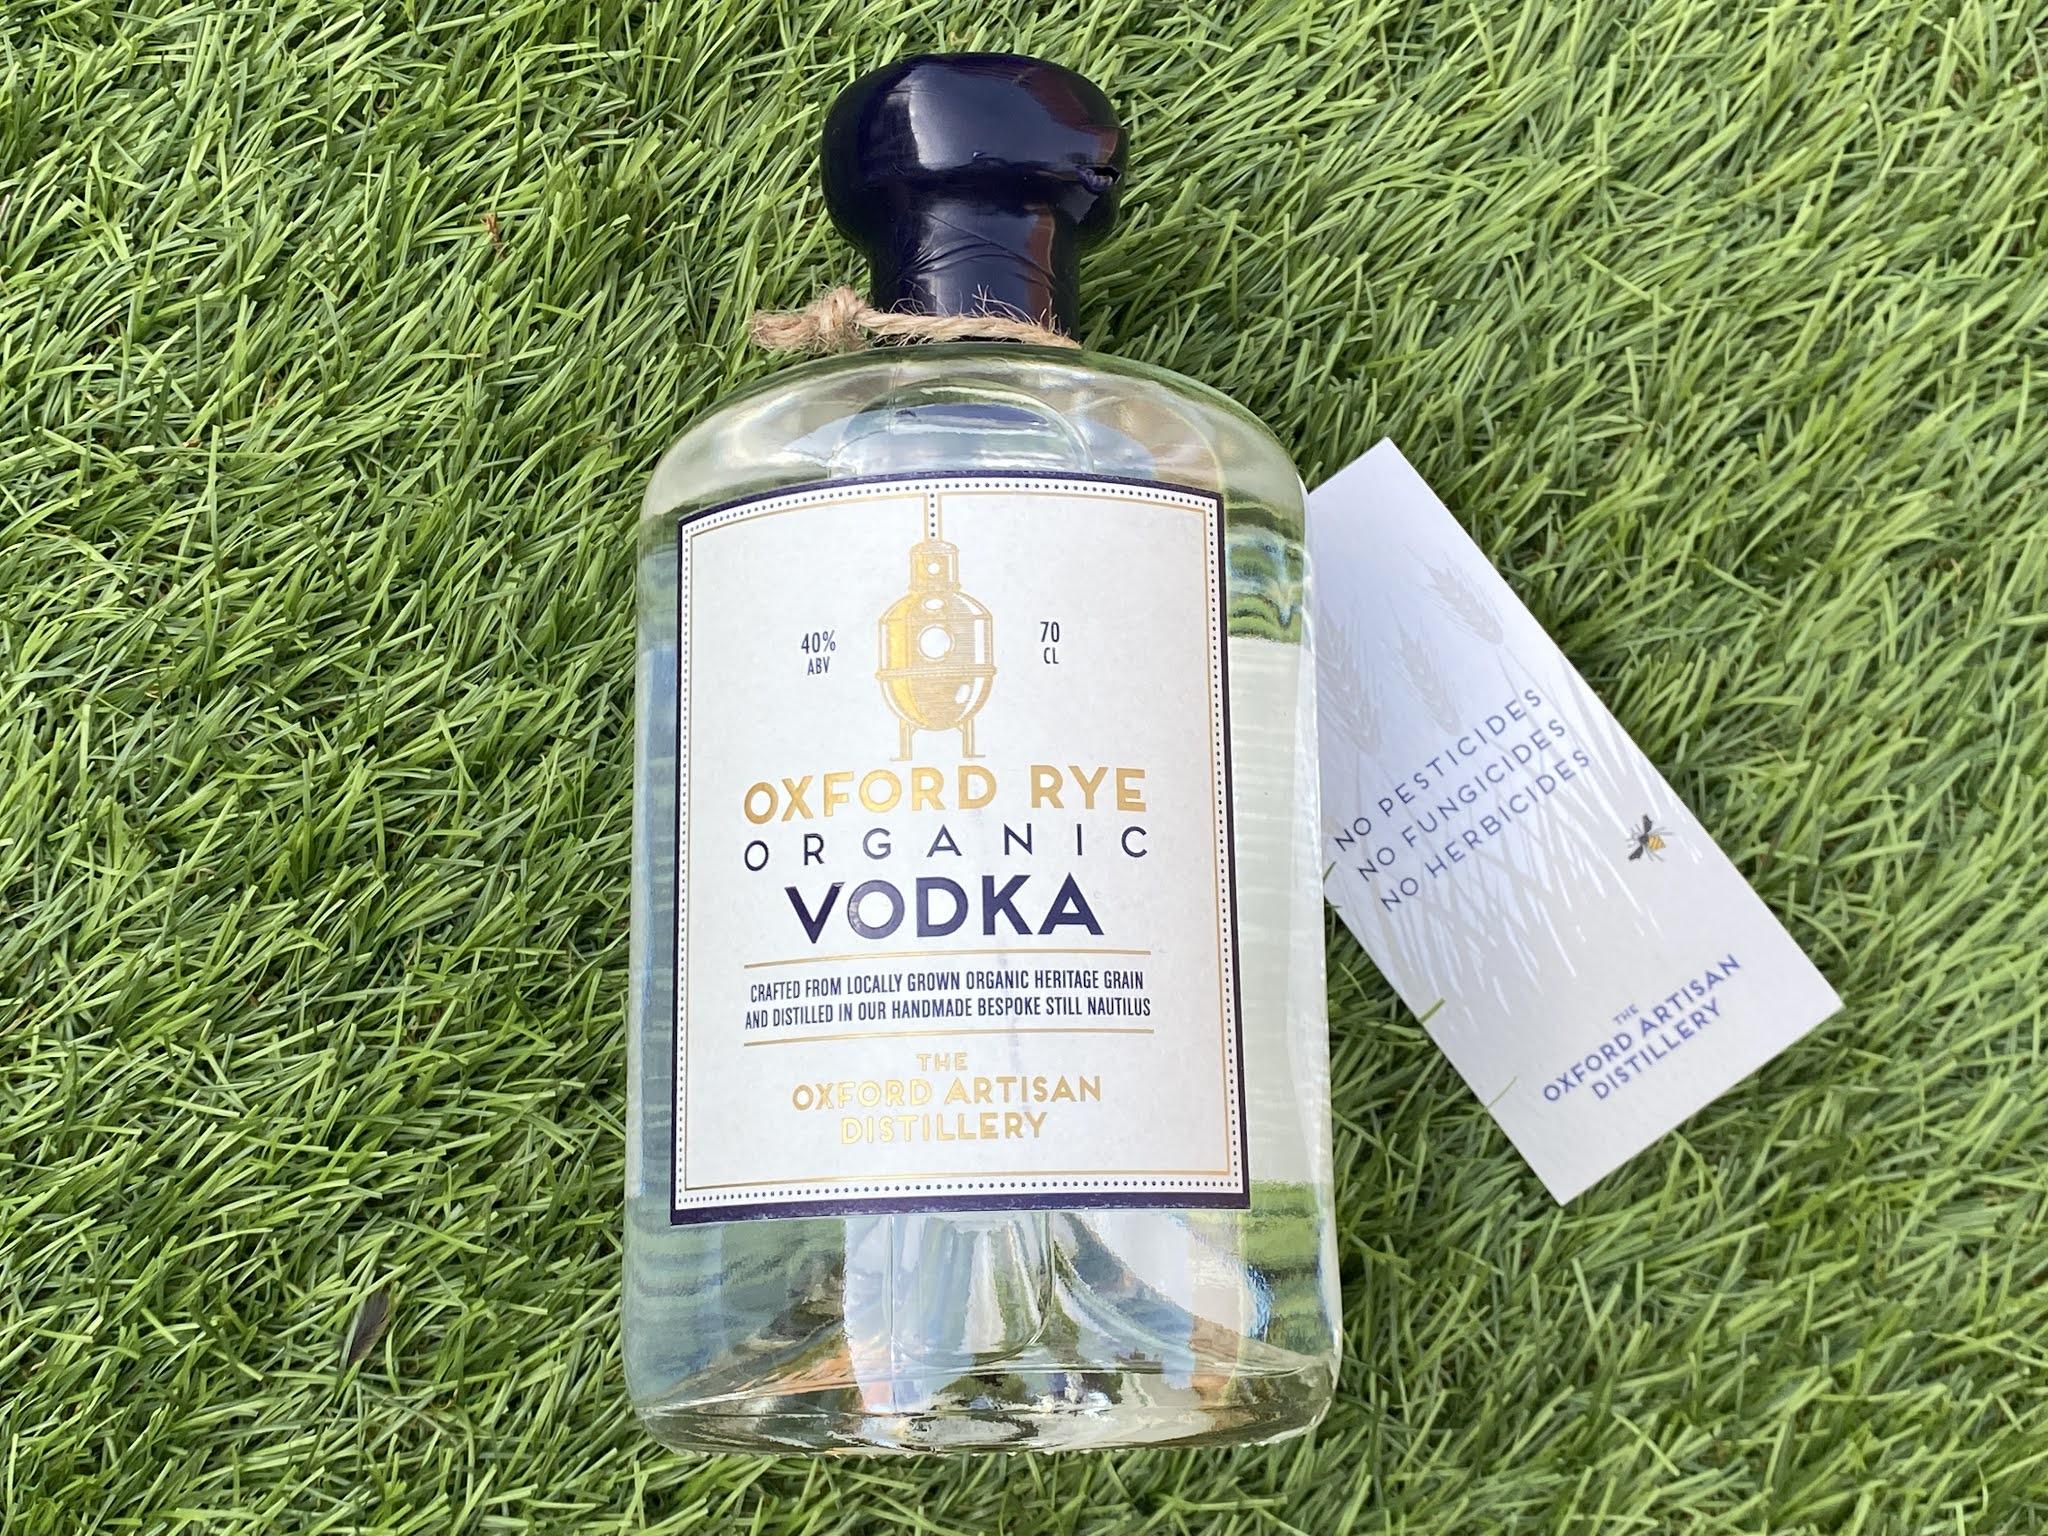 oxford rye organic vodka